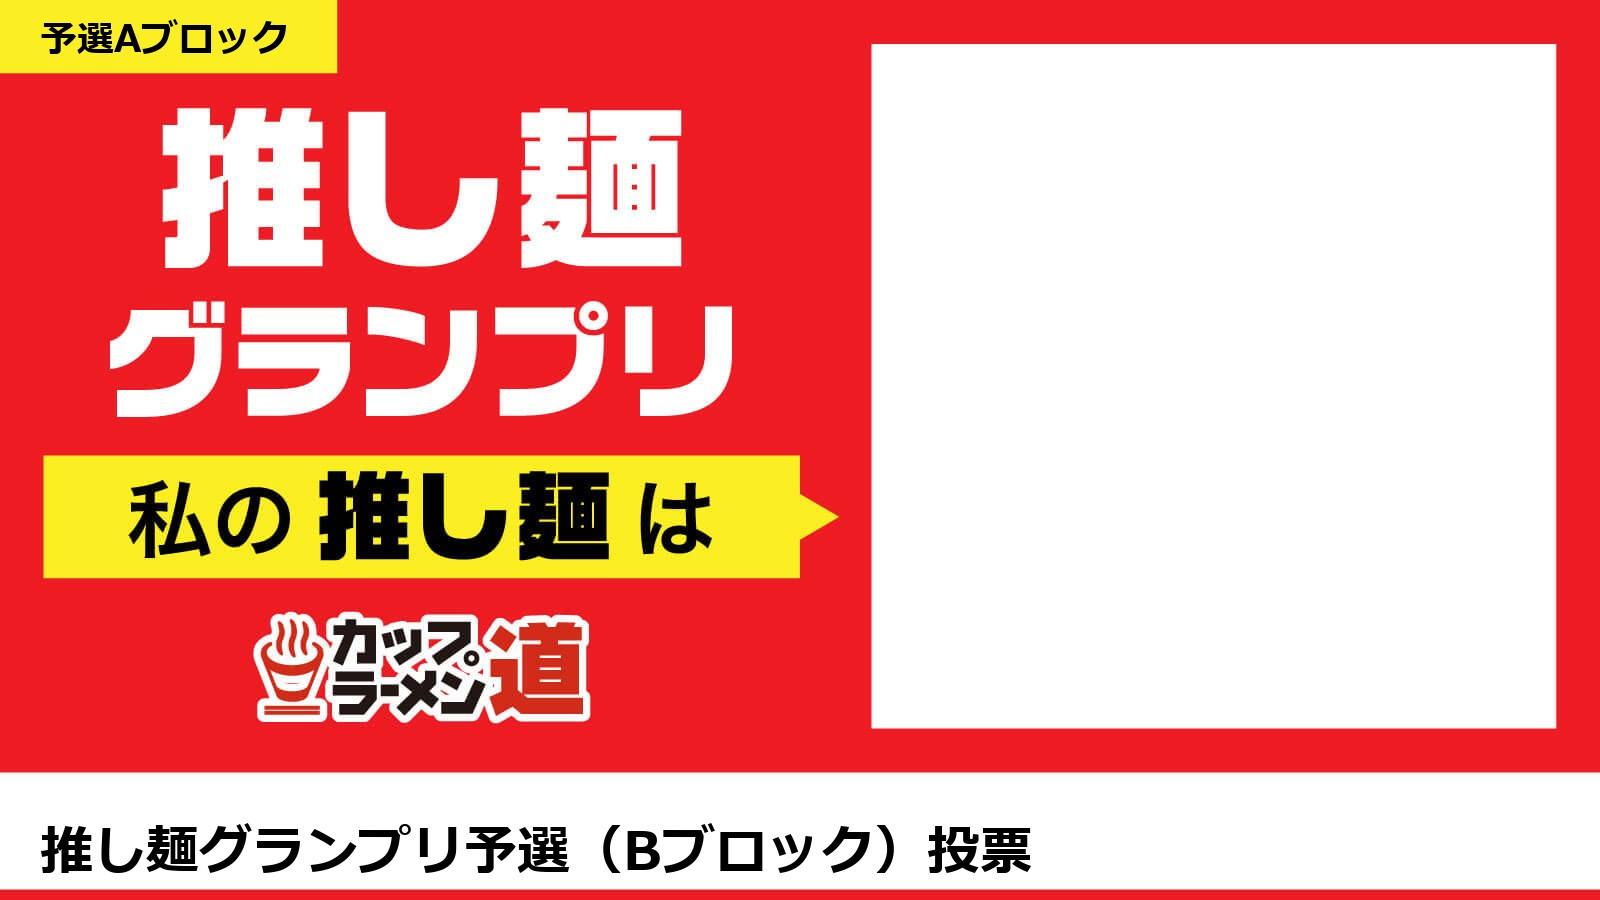 【推し麺グランプリ】私の推し麺は「推し麺グランプリ予選(Bブロック)投票」